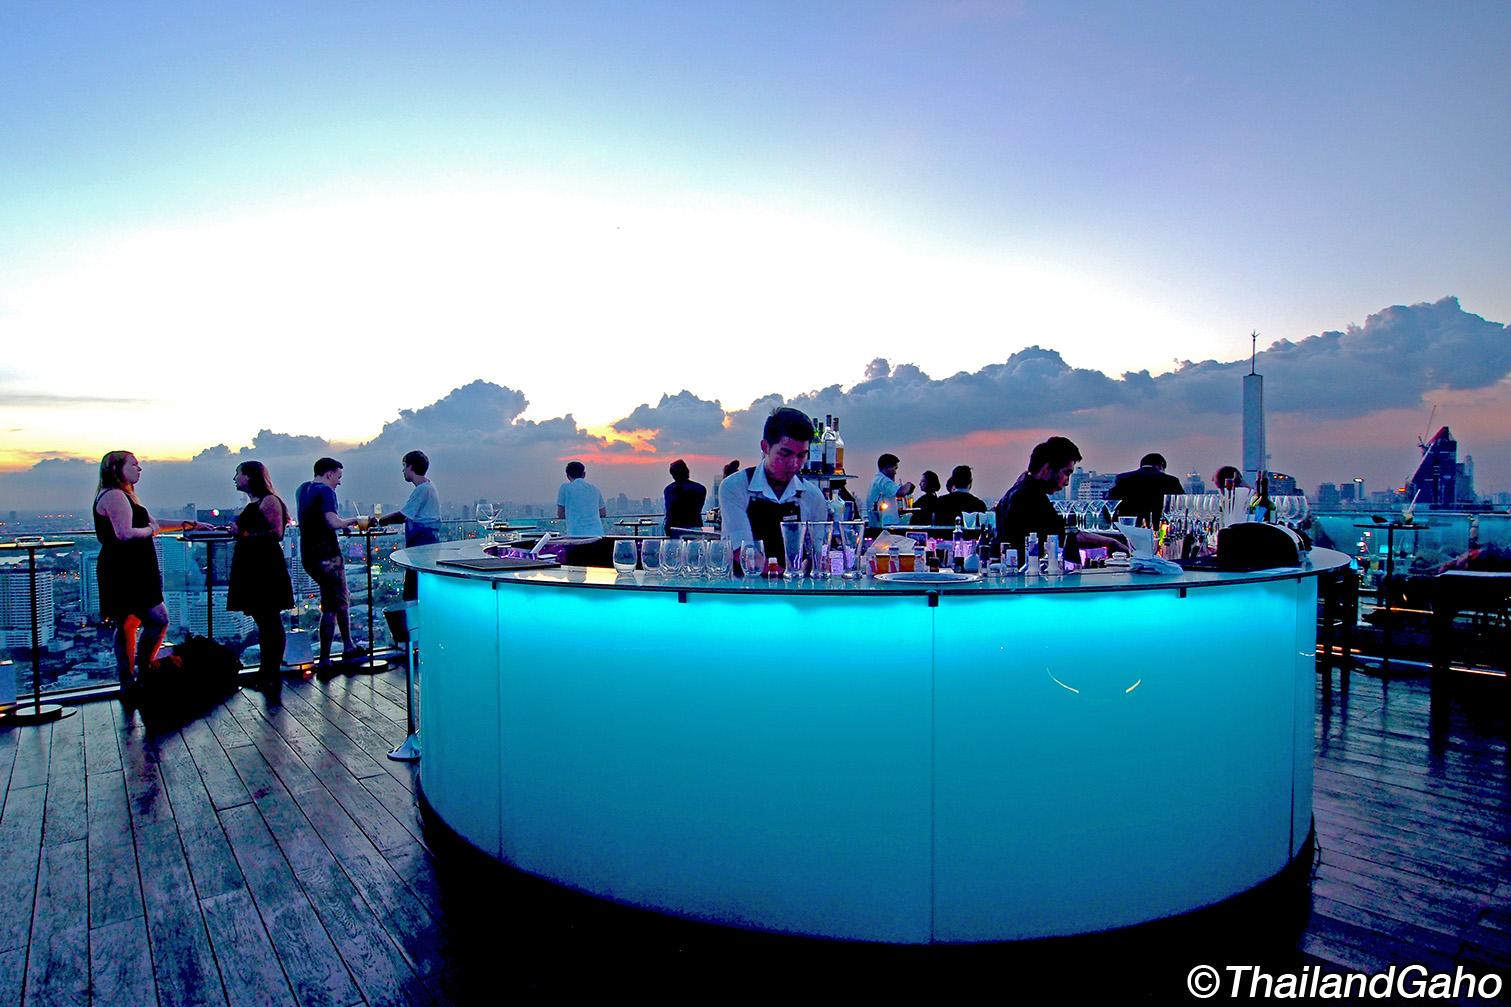 オクターブ ルーフトップバー (Octave Rooftop Bar) スクンビット通りのおすすめサンセットスポット